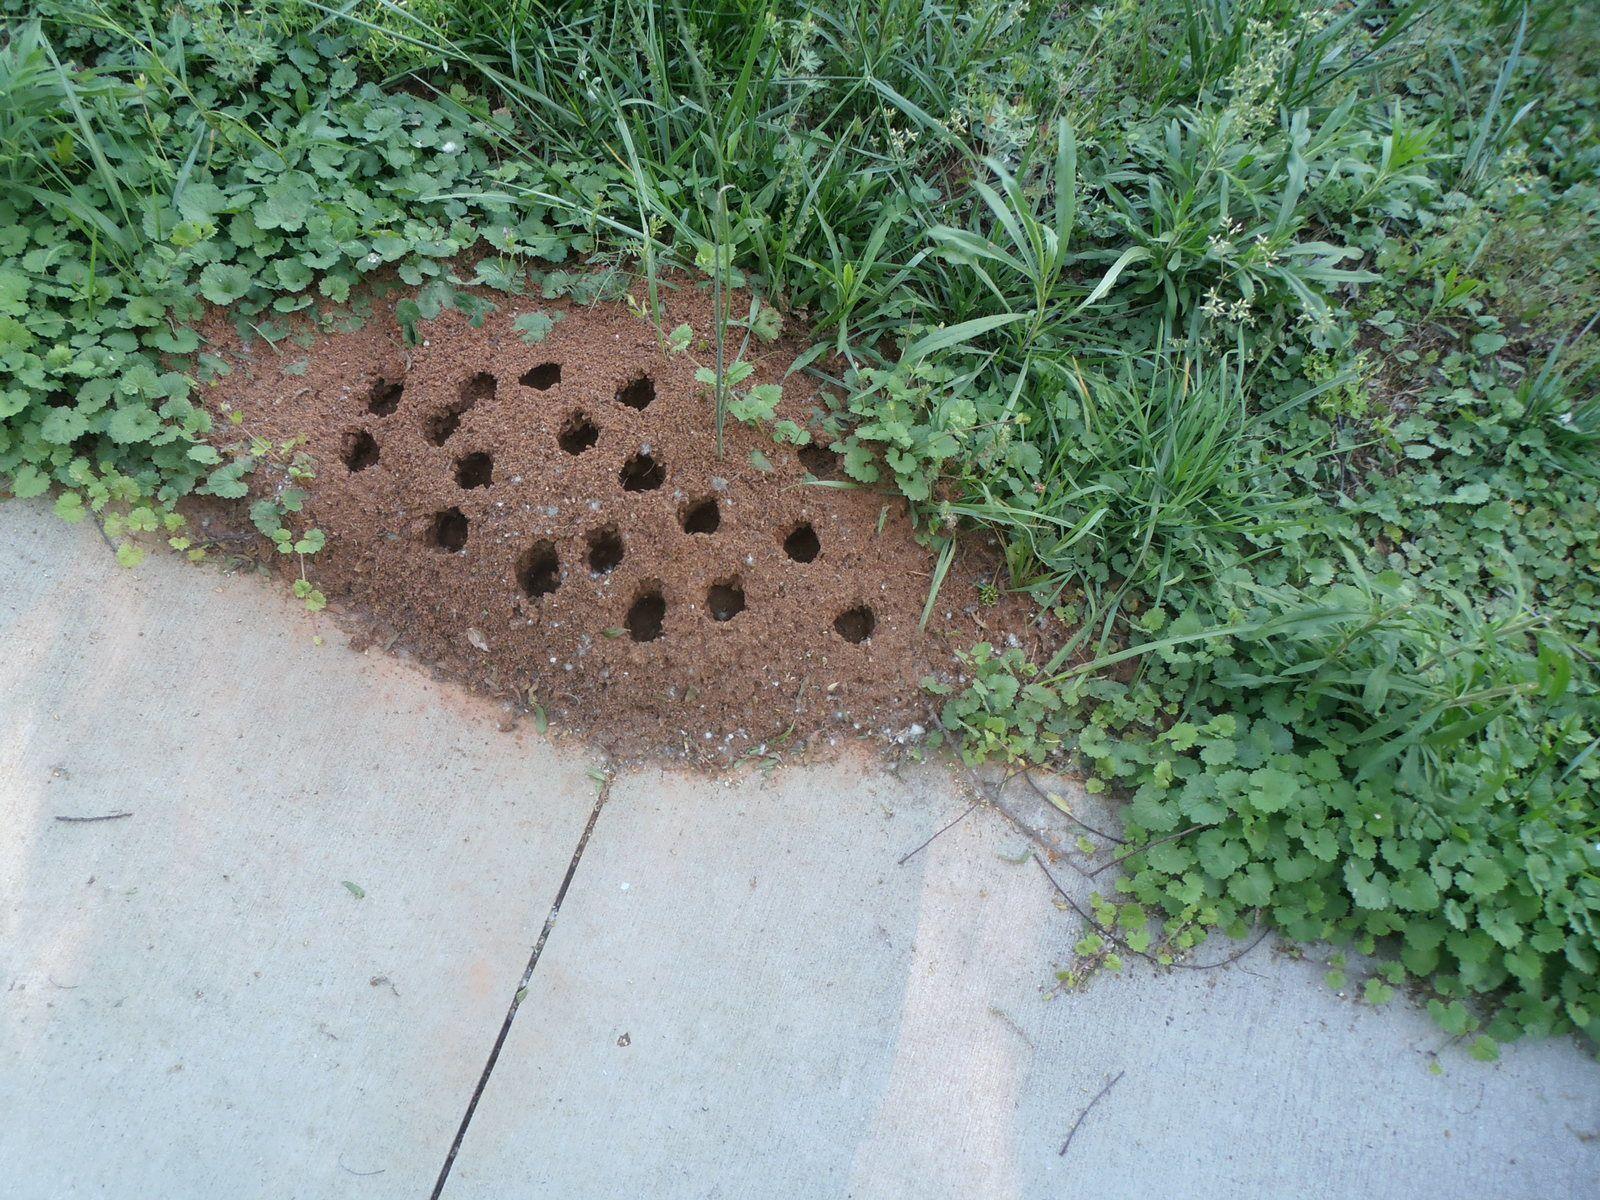 Quelques temps après, j'ai constaté qu'ils étaient perforés de trous circulaires. Quelqu'un aurait-il une explication ?